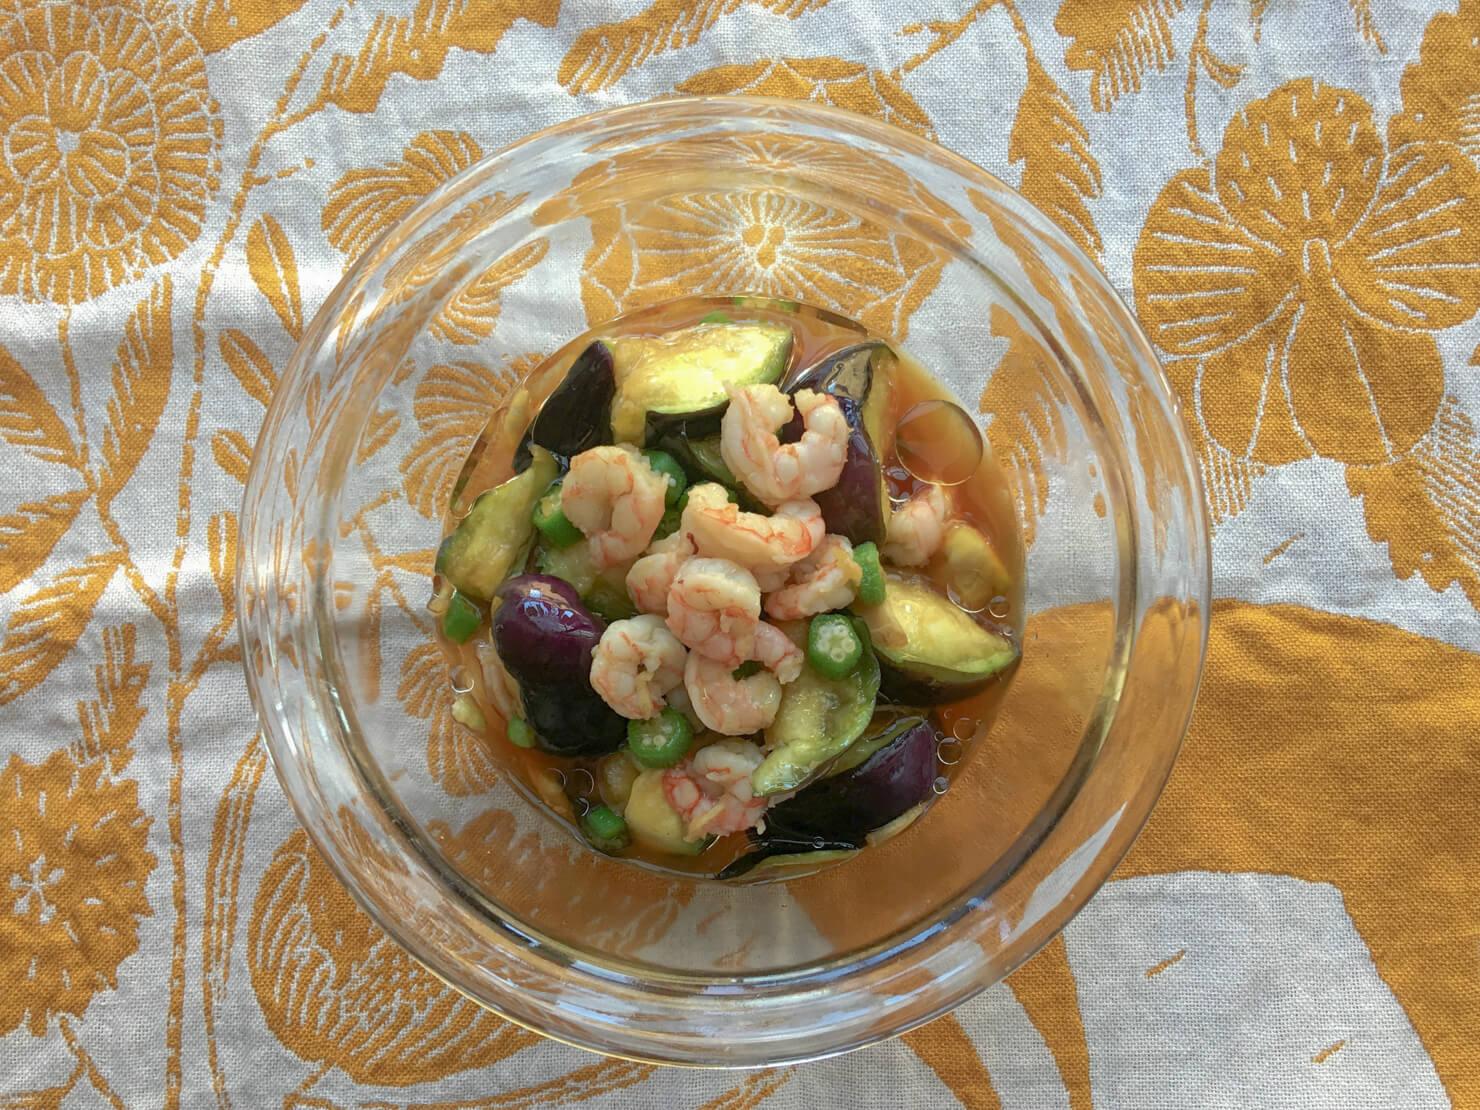 オクラと水ナスとエビの和風サラダの写真